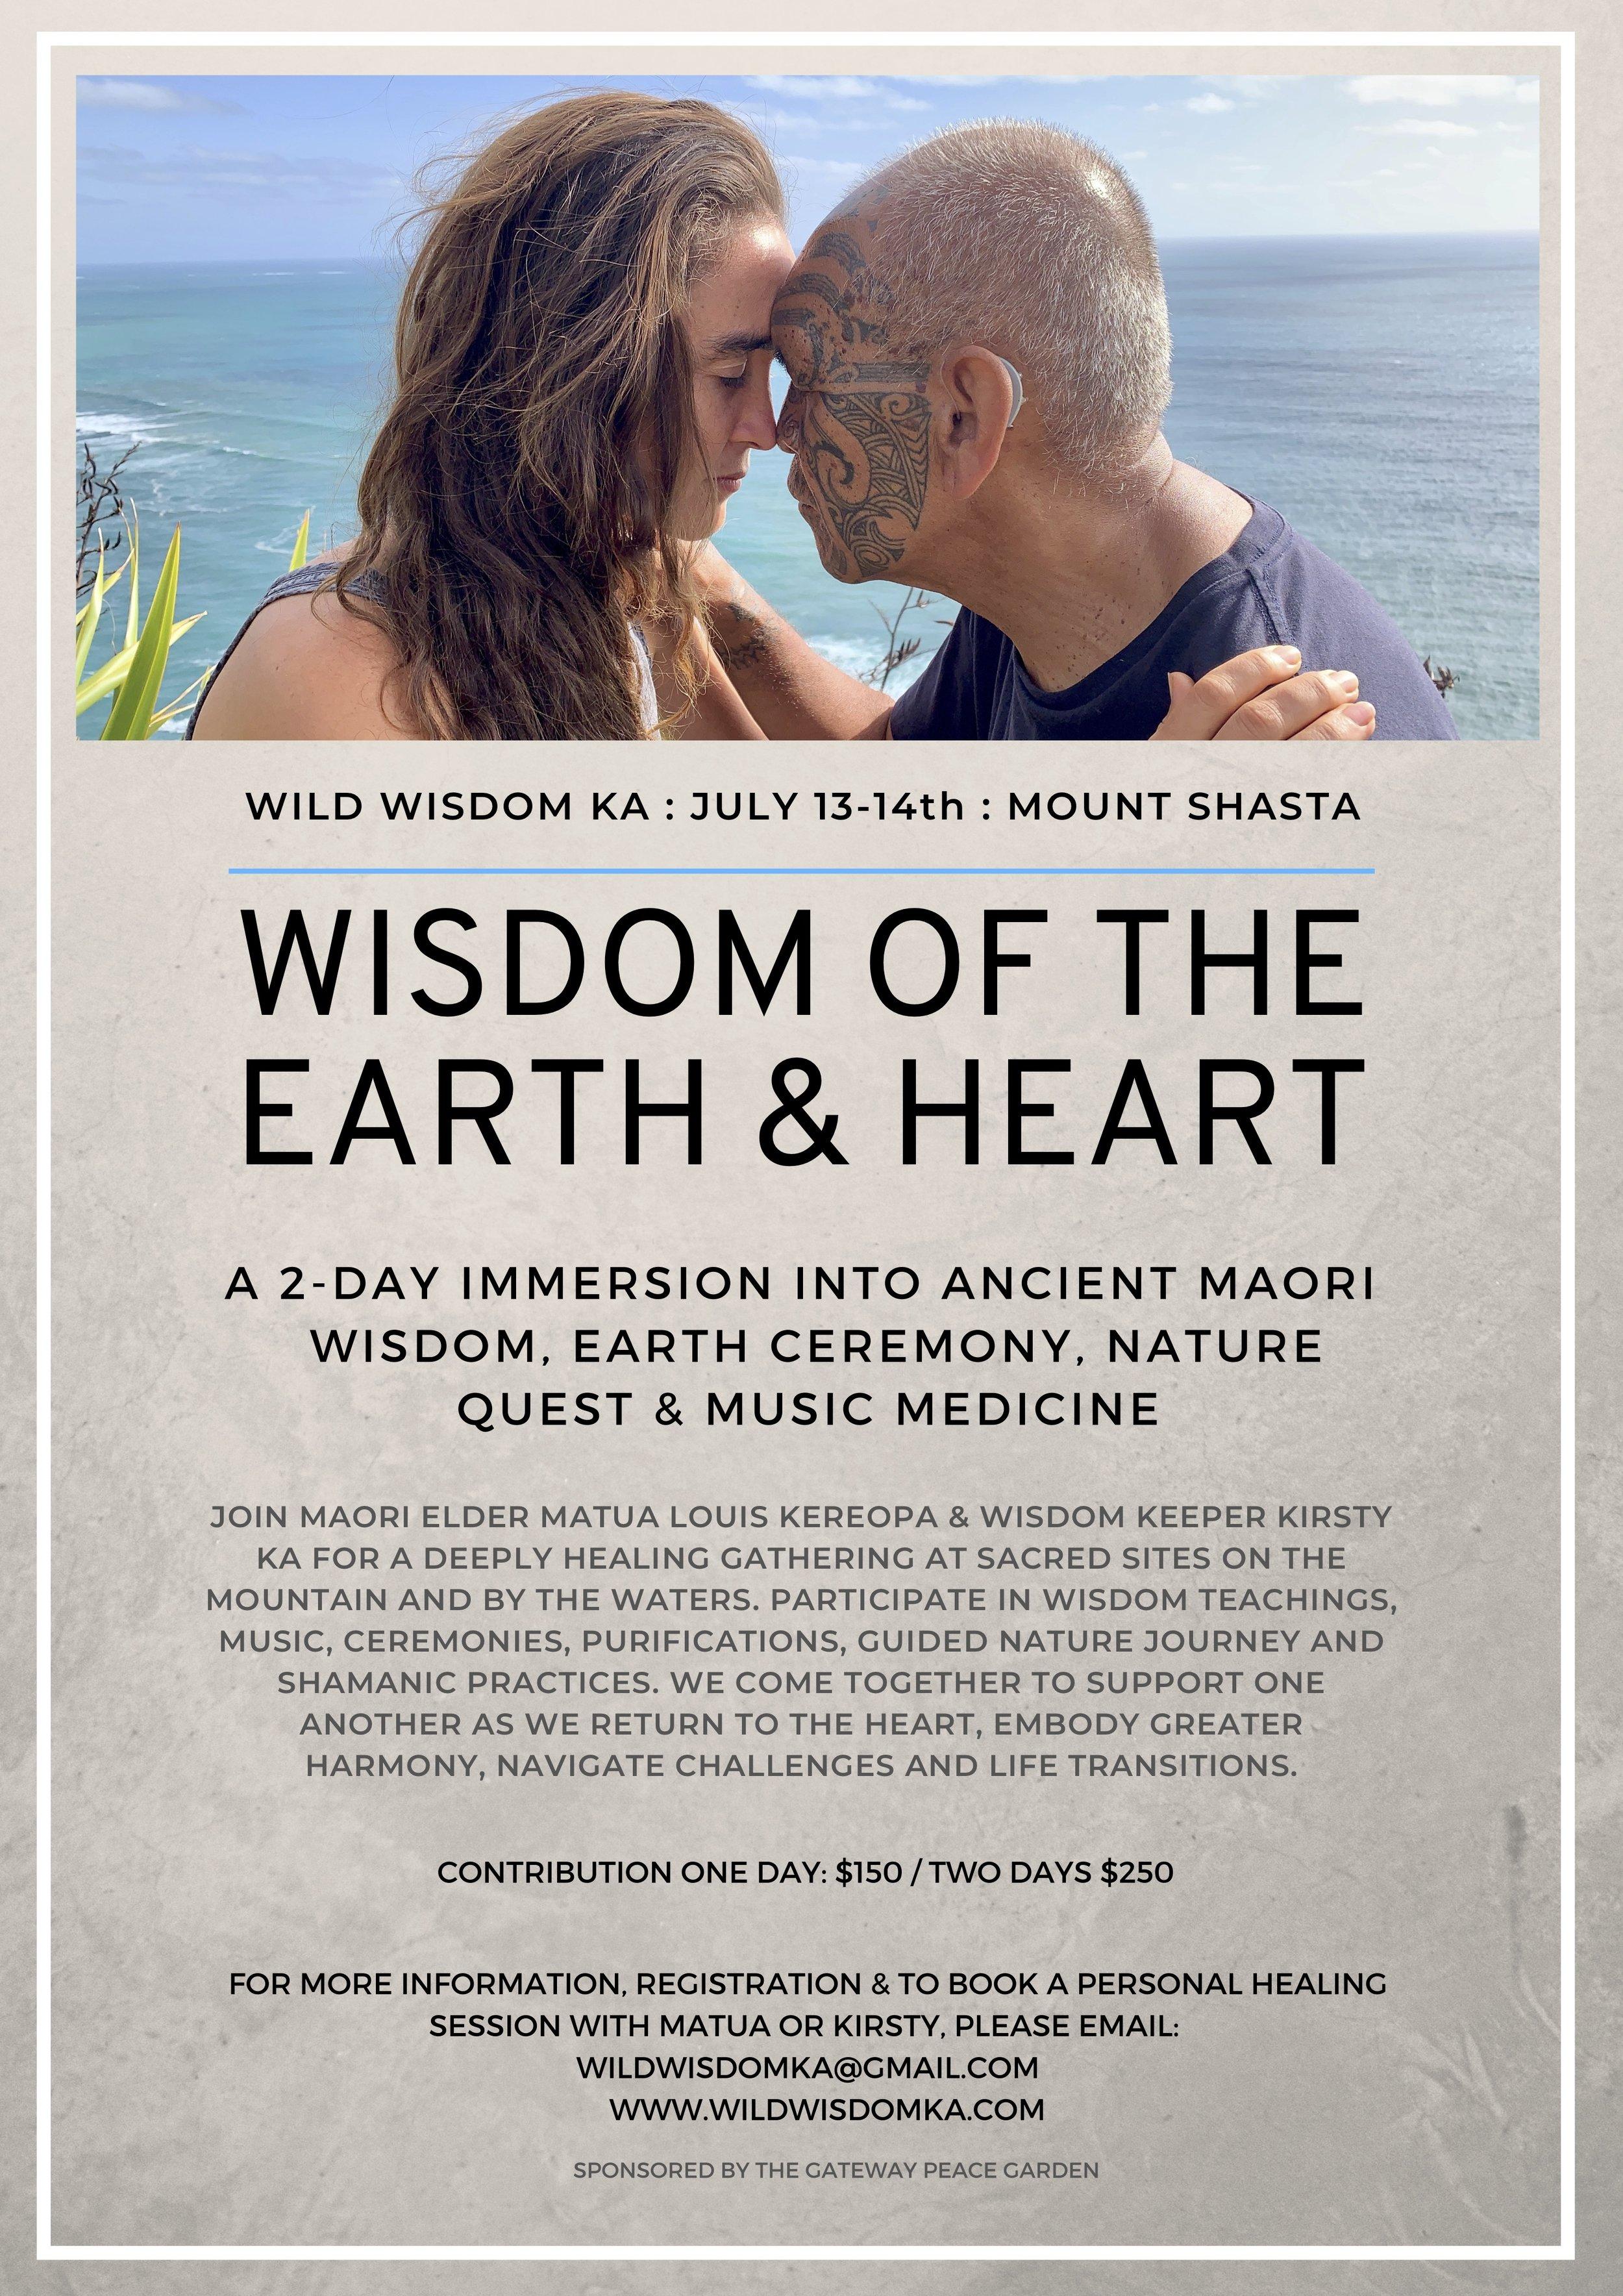 WISDOM OF THE EARTH & HEART SHASTA-2.jpg